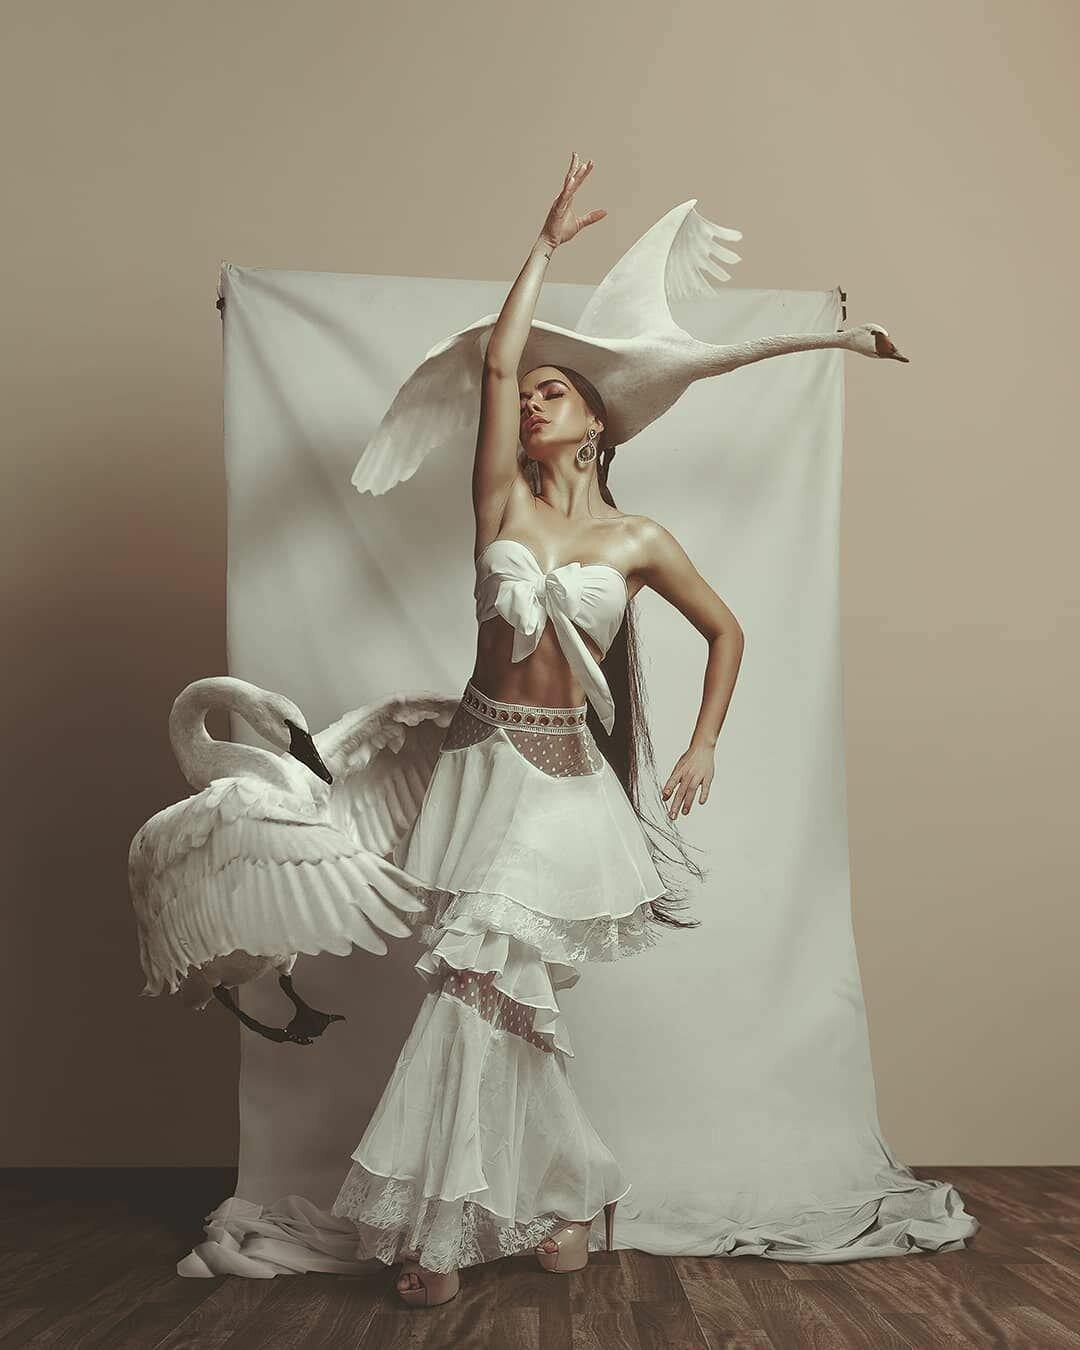 пинтерест на русском картинки фотоманипуляции вдохновение стоит заказать студийную